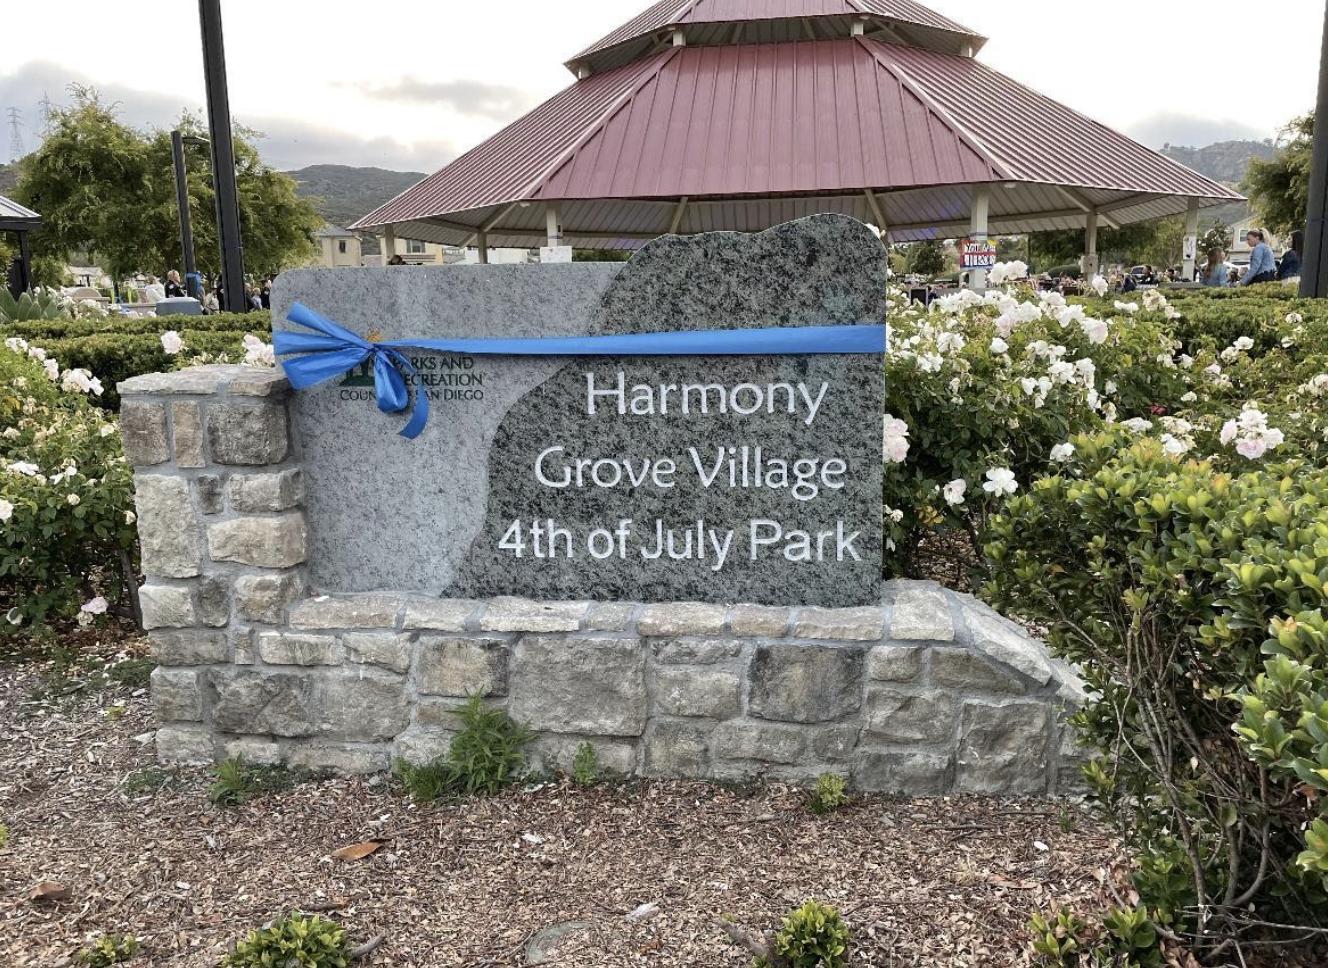 Harmony Grove Ceremony